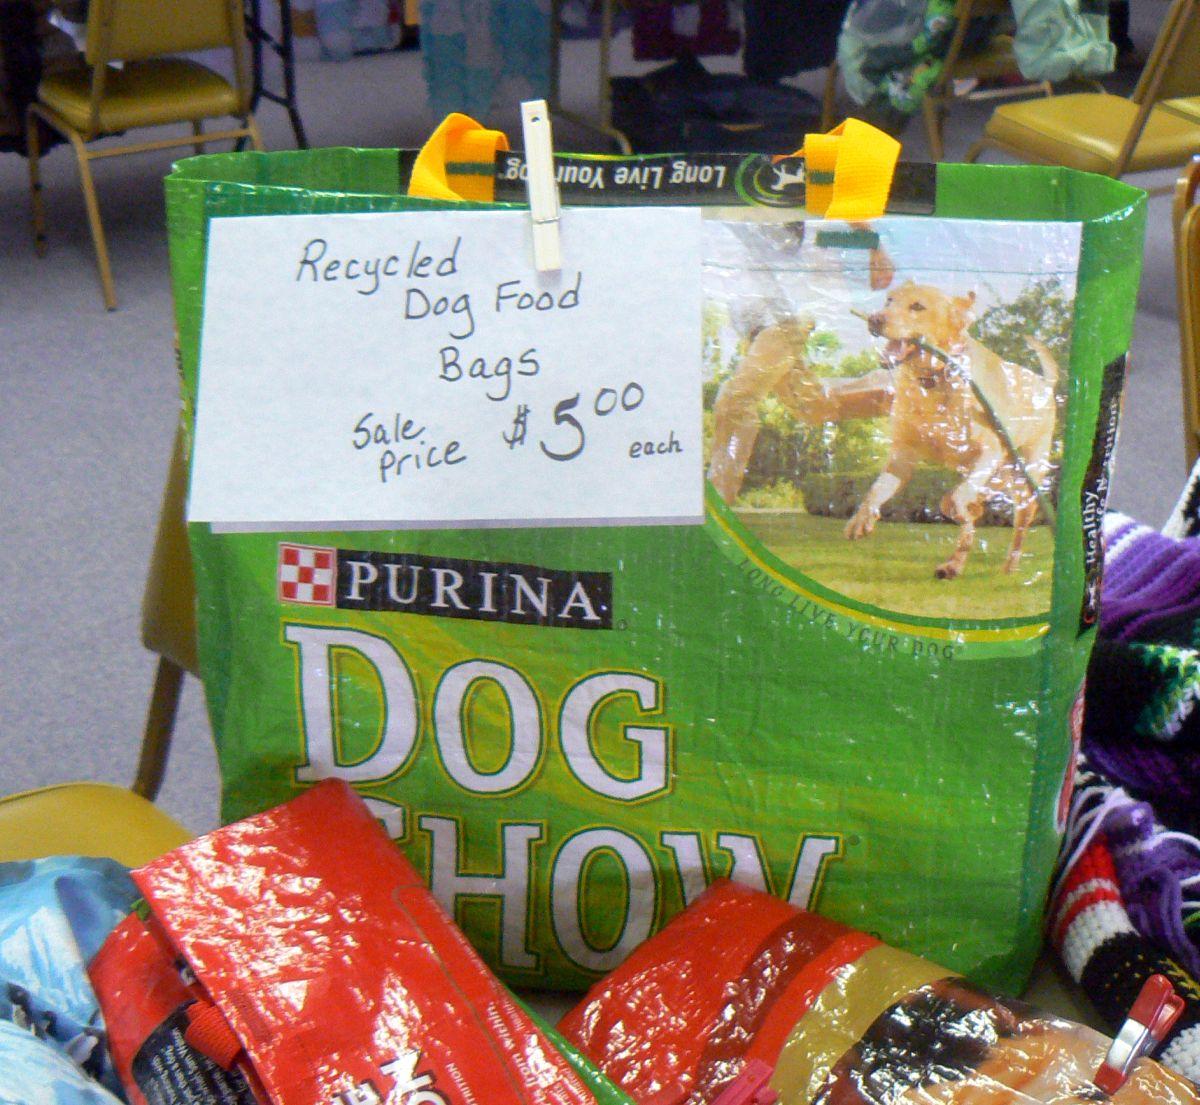 Most Shopped Dog Food